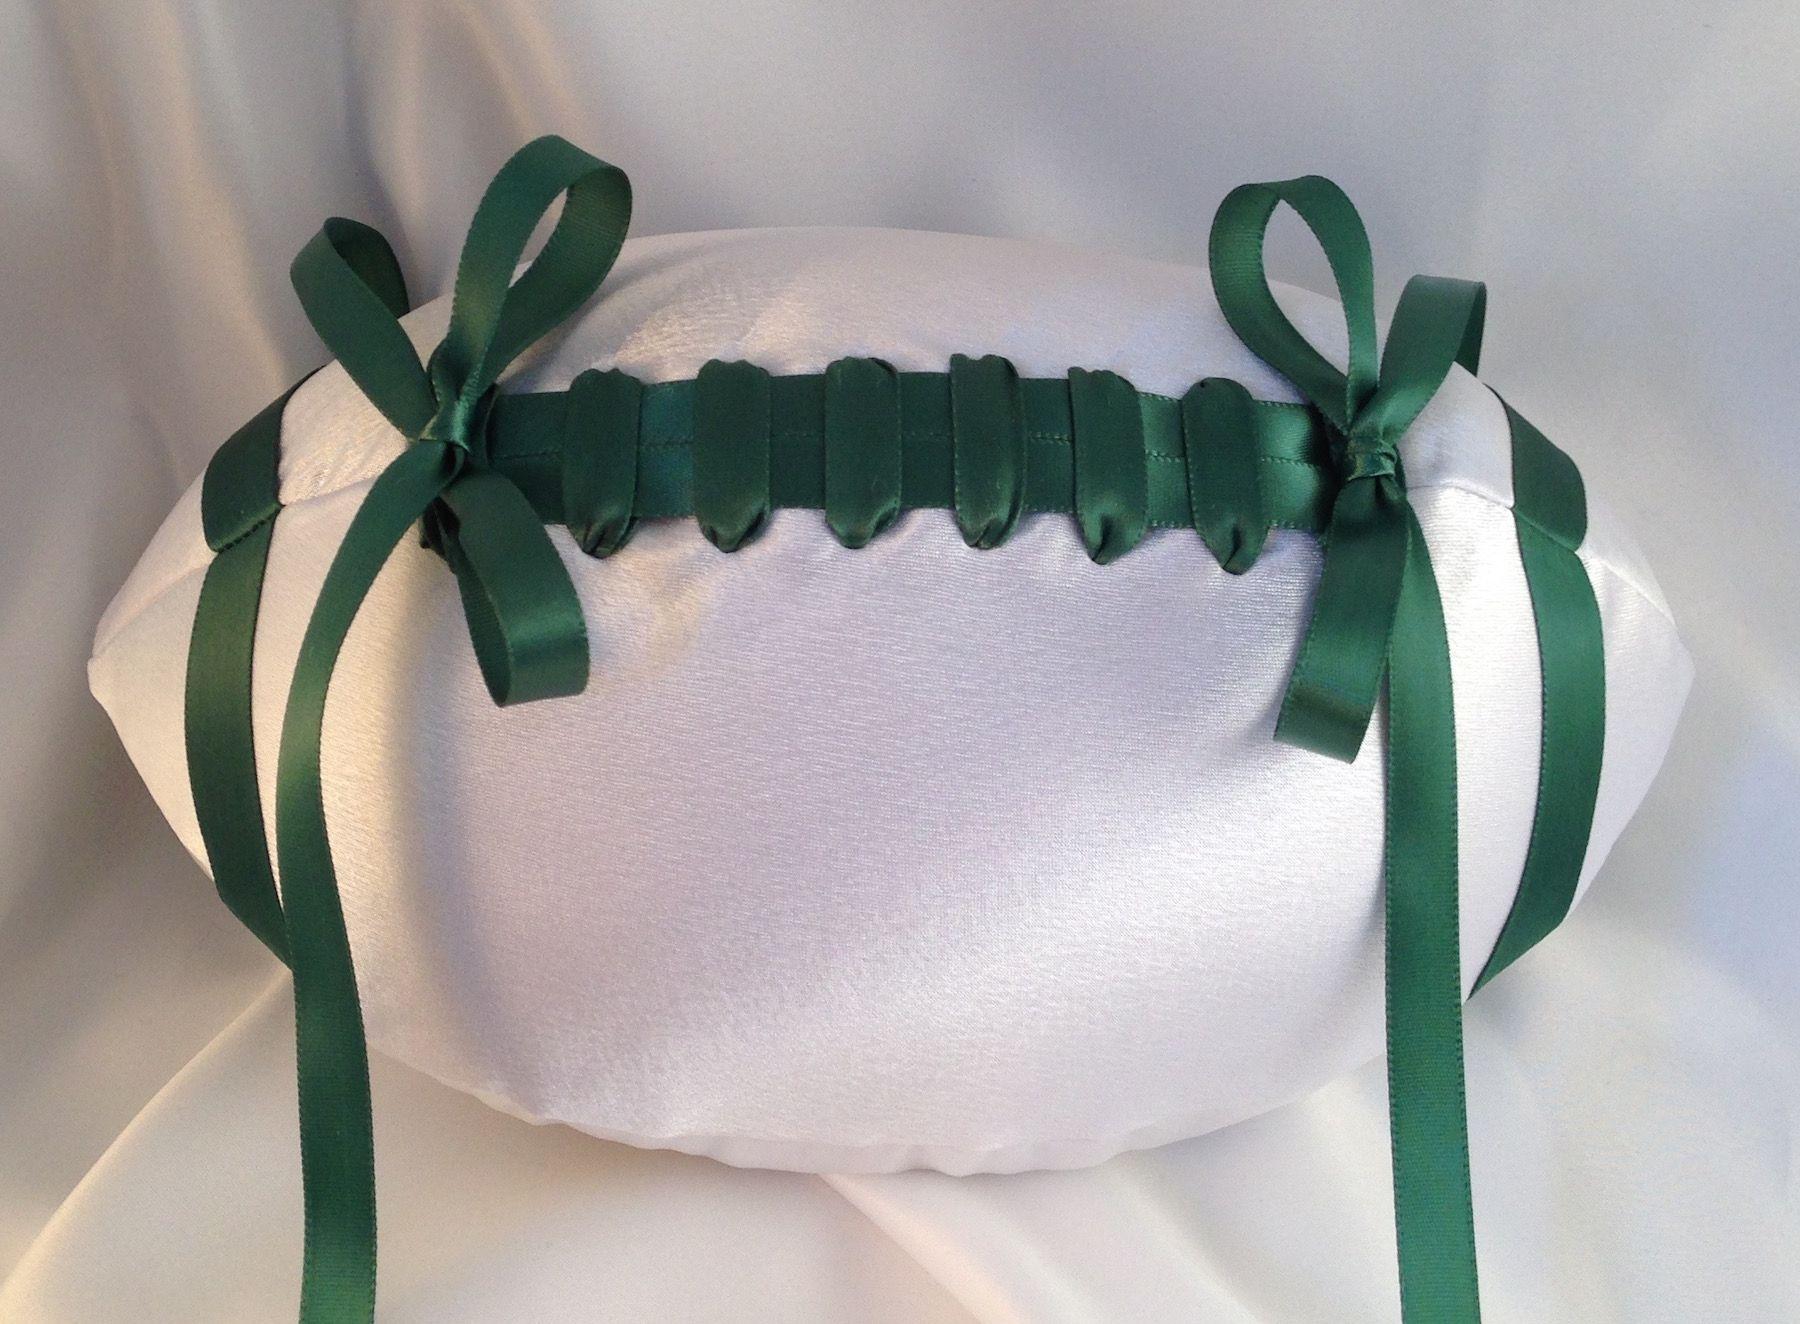 Custom Football Ring Bearer Pillow In White And Green Footballwedding Footballringbearerpillow Footballringpillow